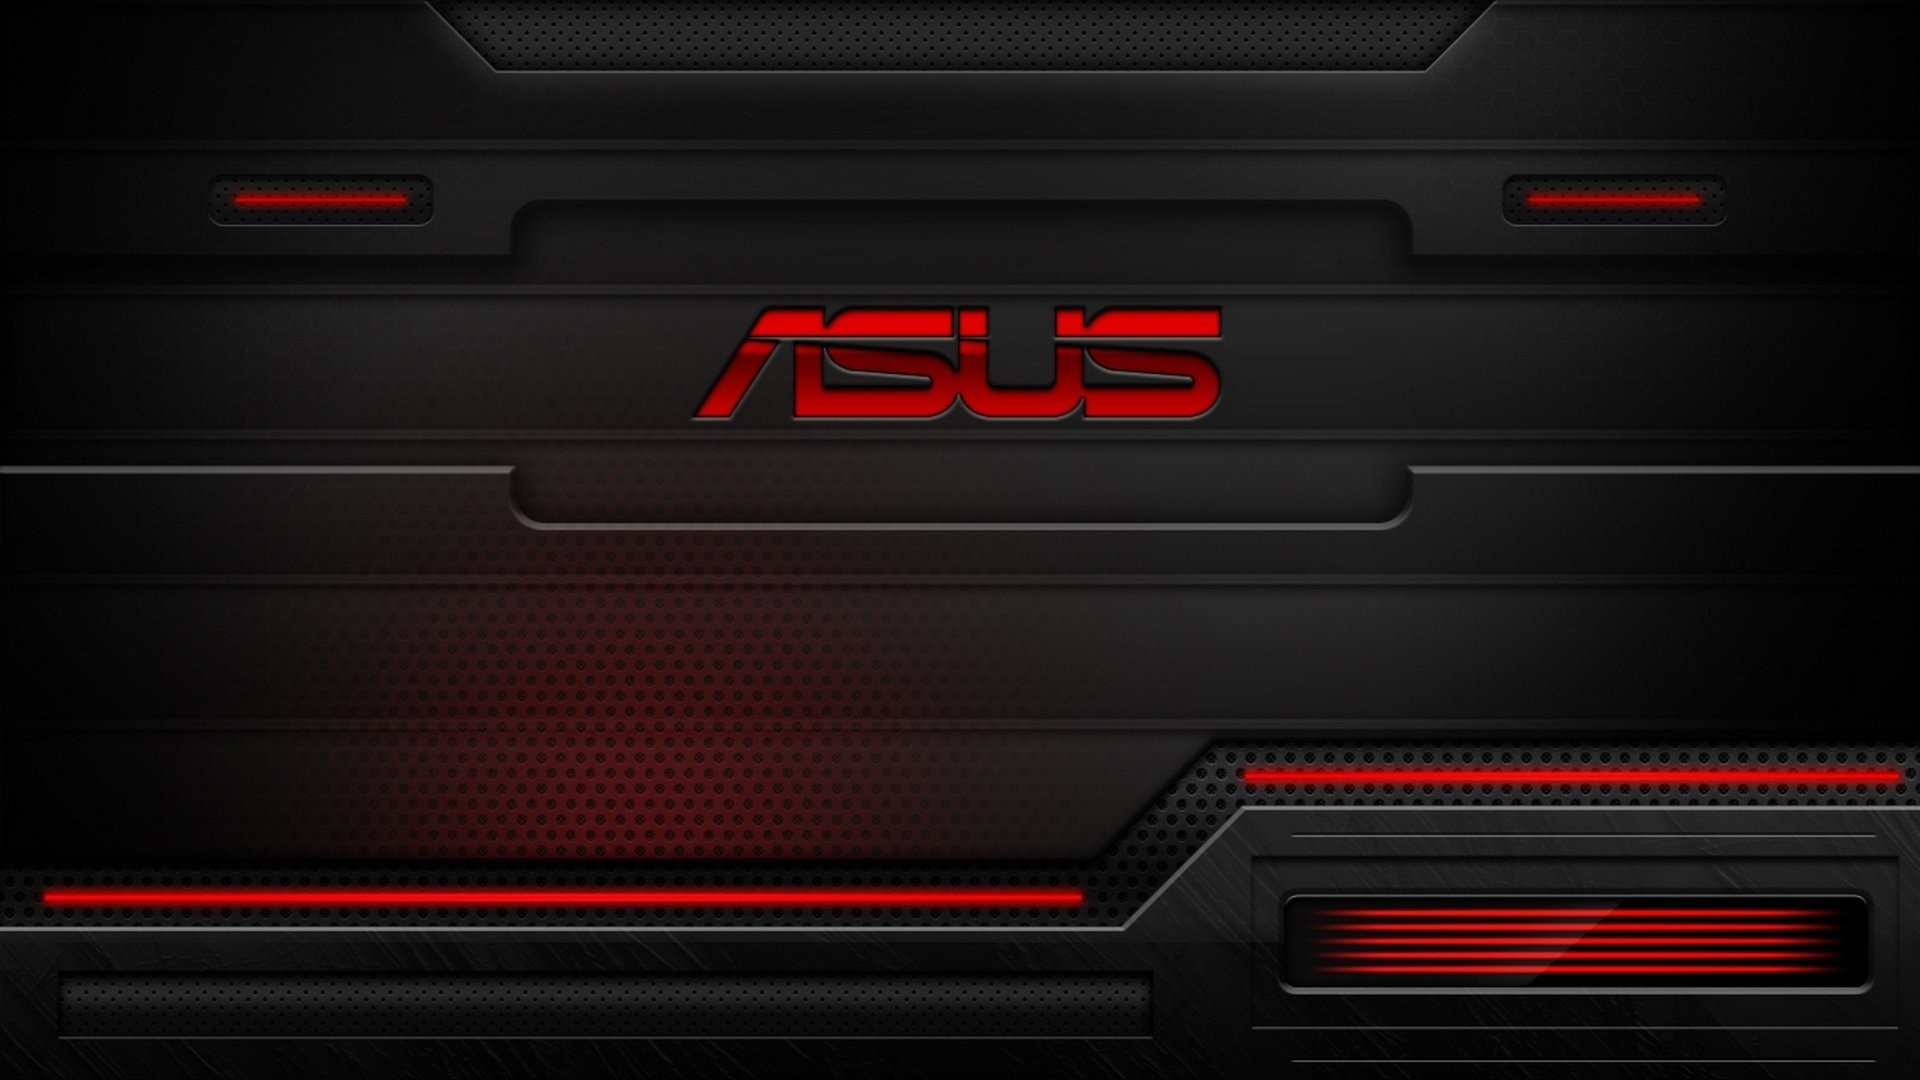 Asus Desktop Wallpaper 1920x1080